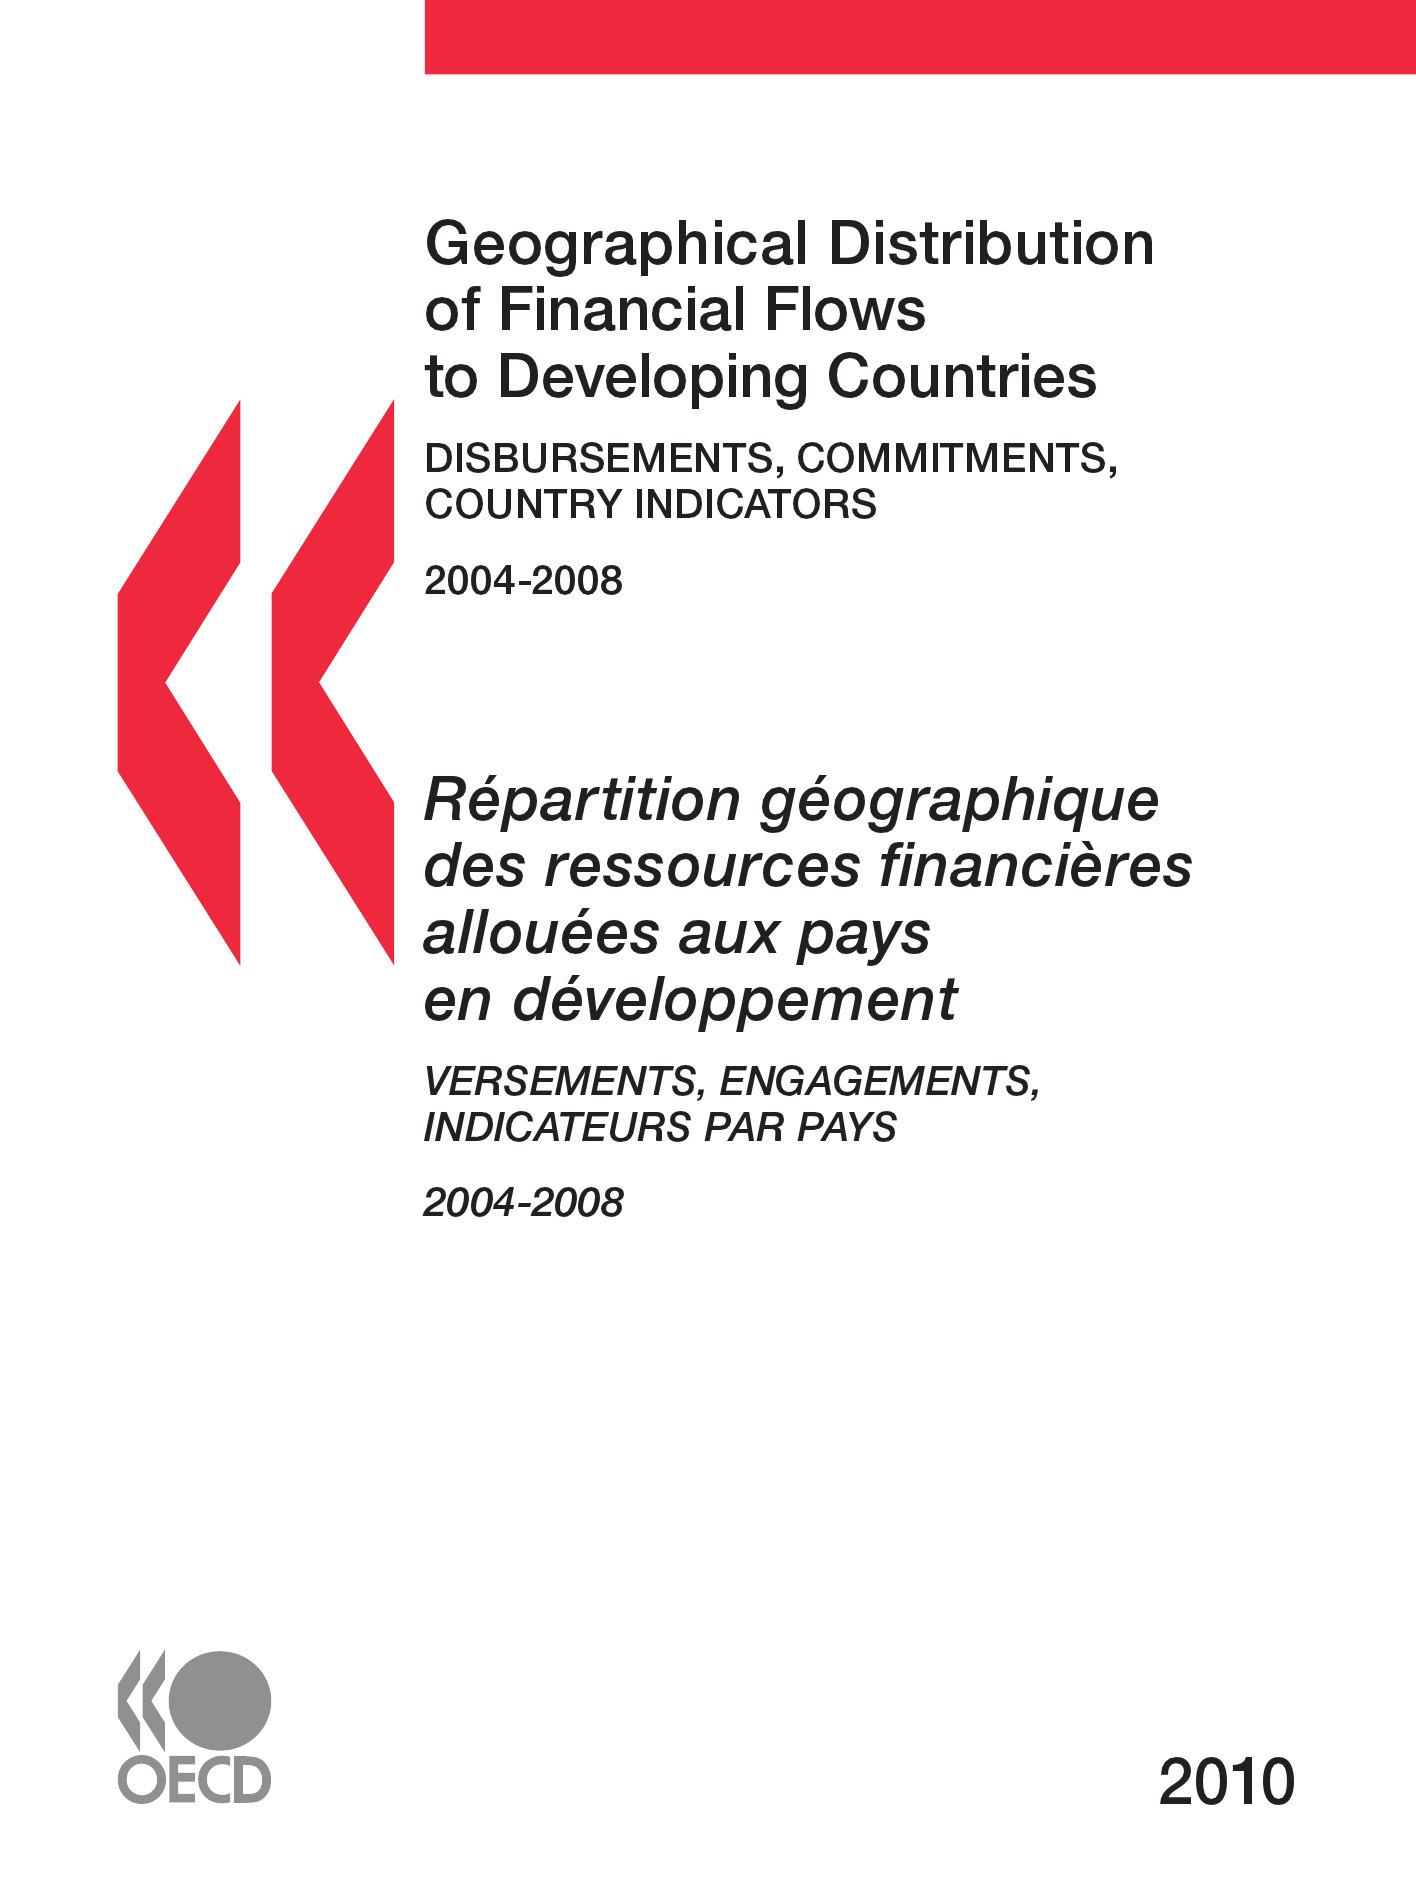 Collectif Répartition géographique des ressources financières allouées aux pays en développement ; versement, engagement, indicateurs par pays ; 2004-2008